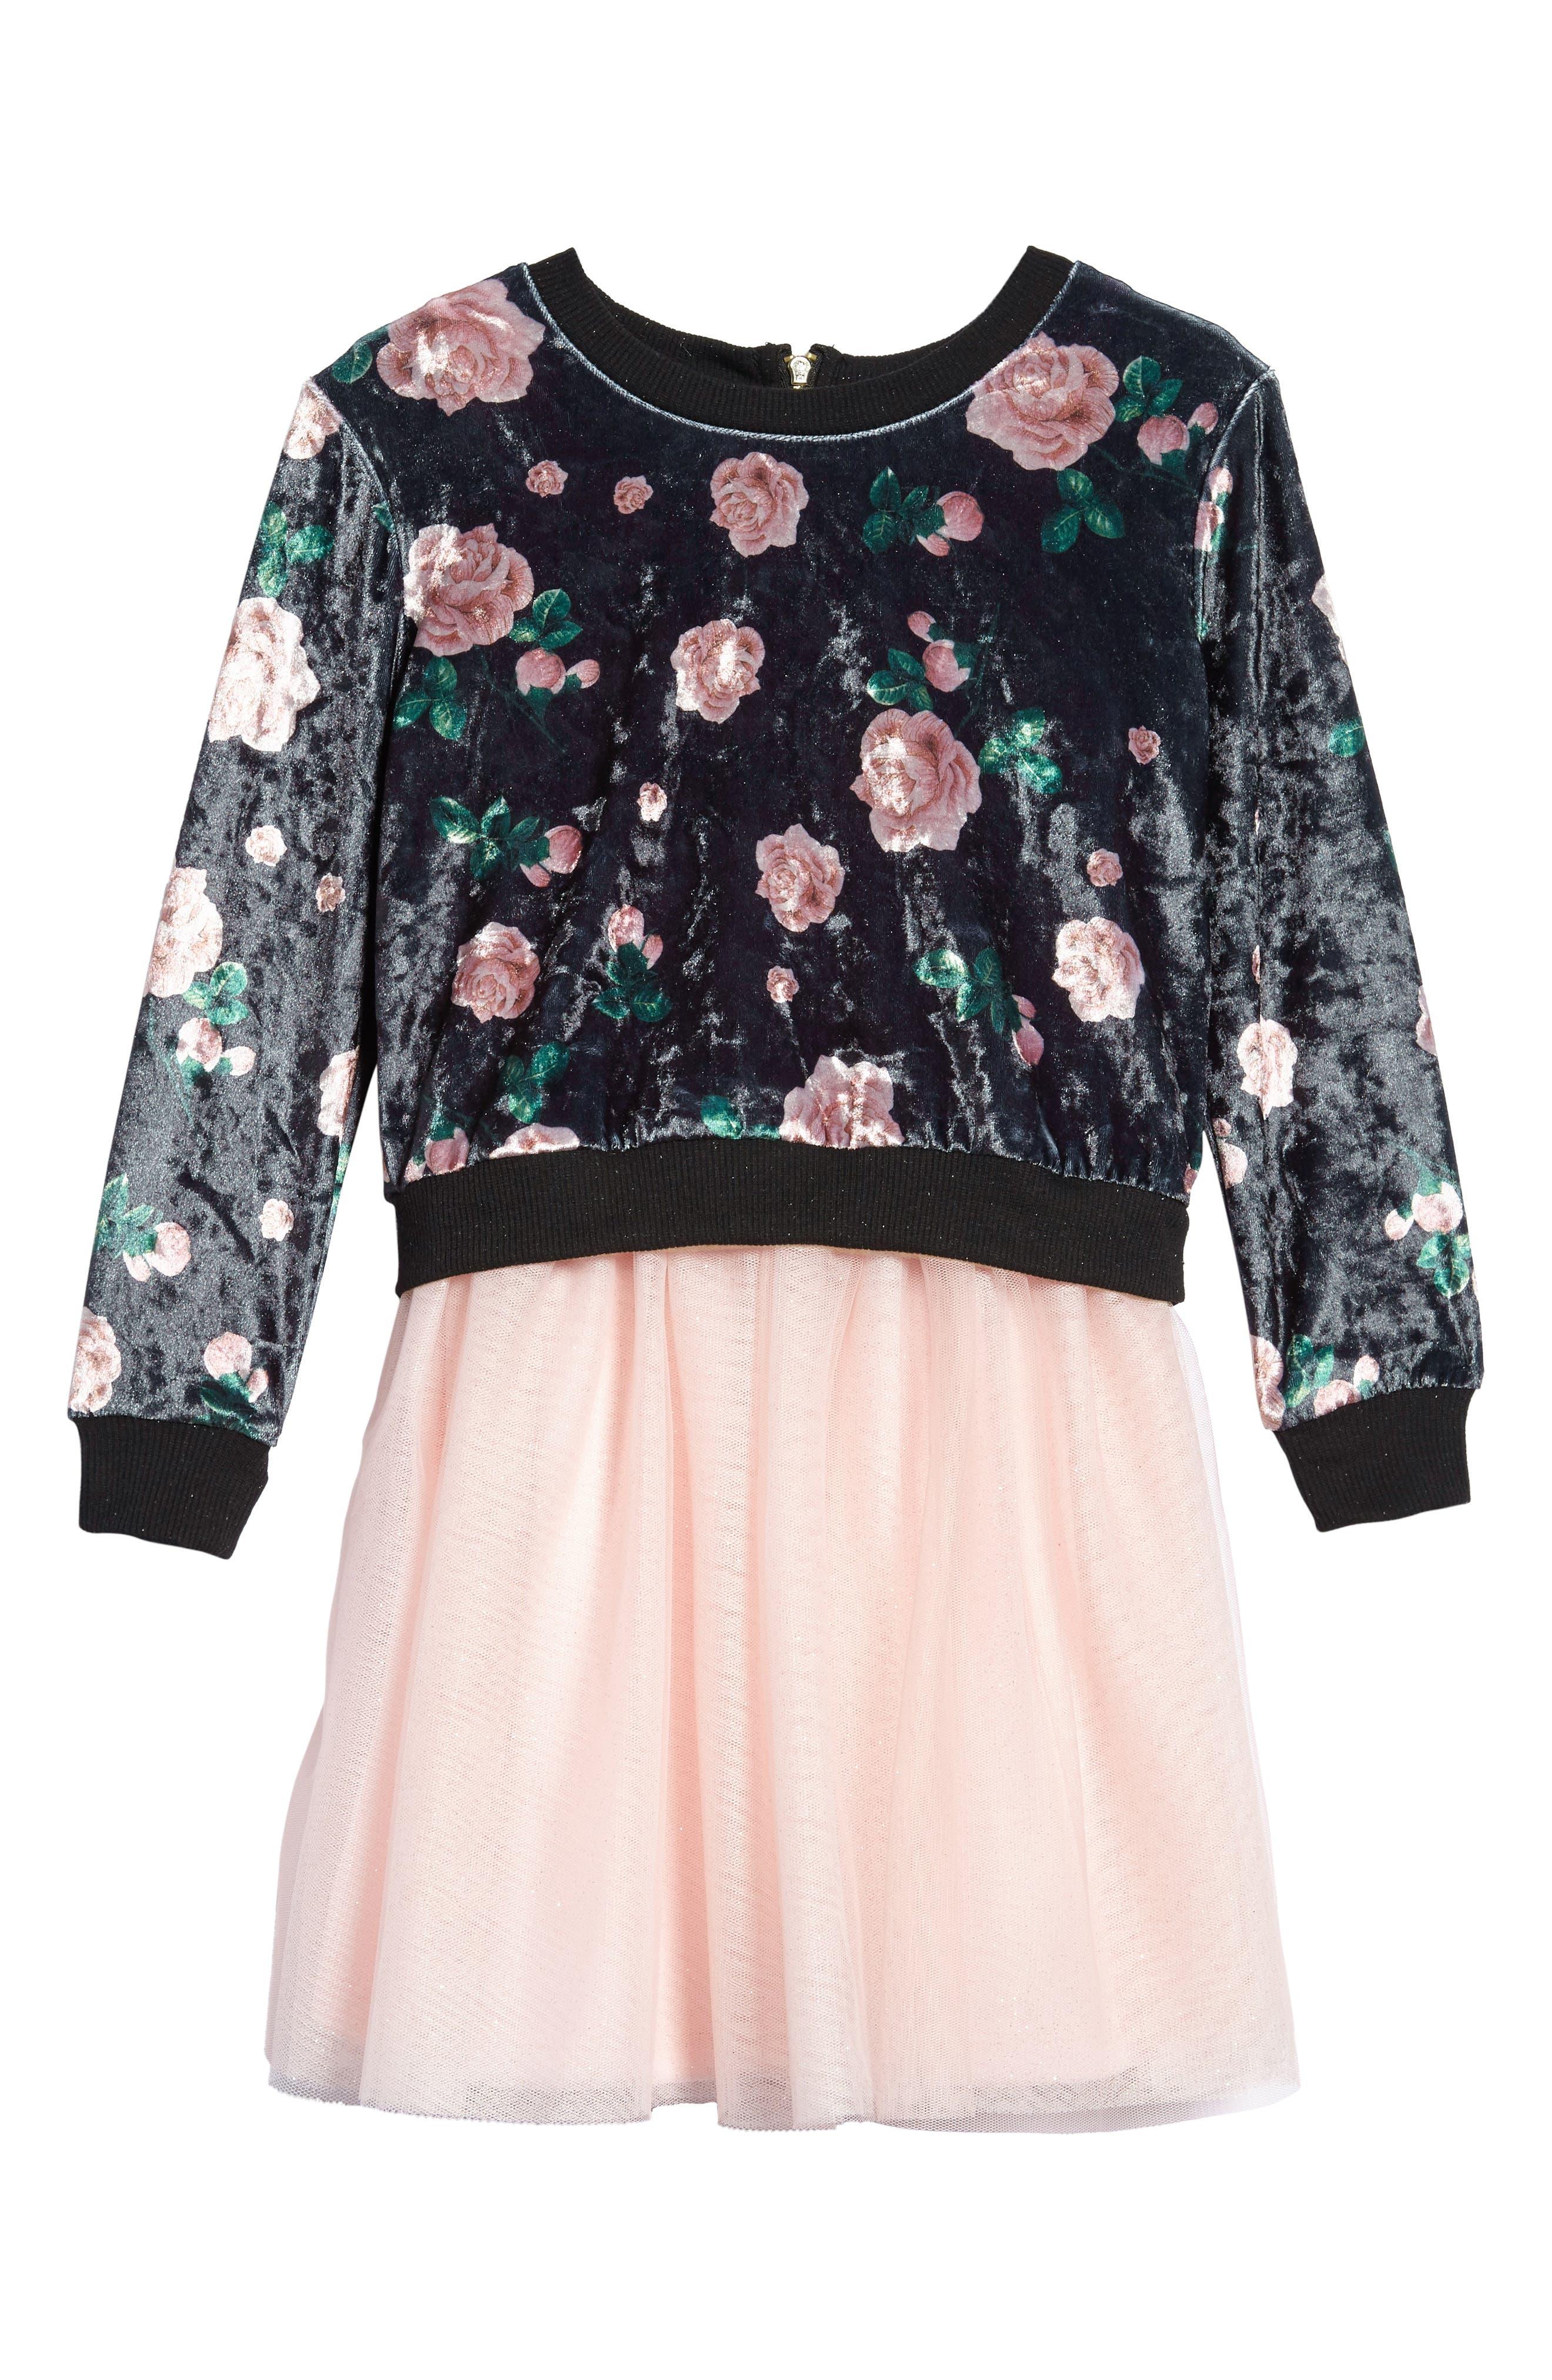 Tutu Dress & Sweater Set,                             Main thumbnail 1, color,                             Black Multi